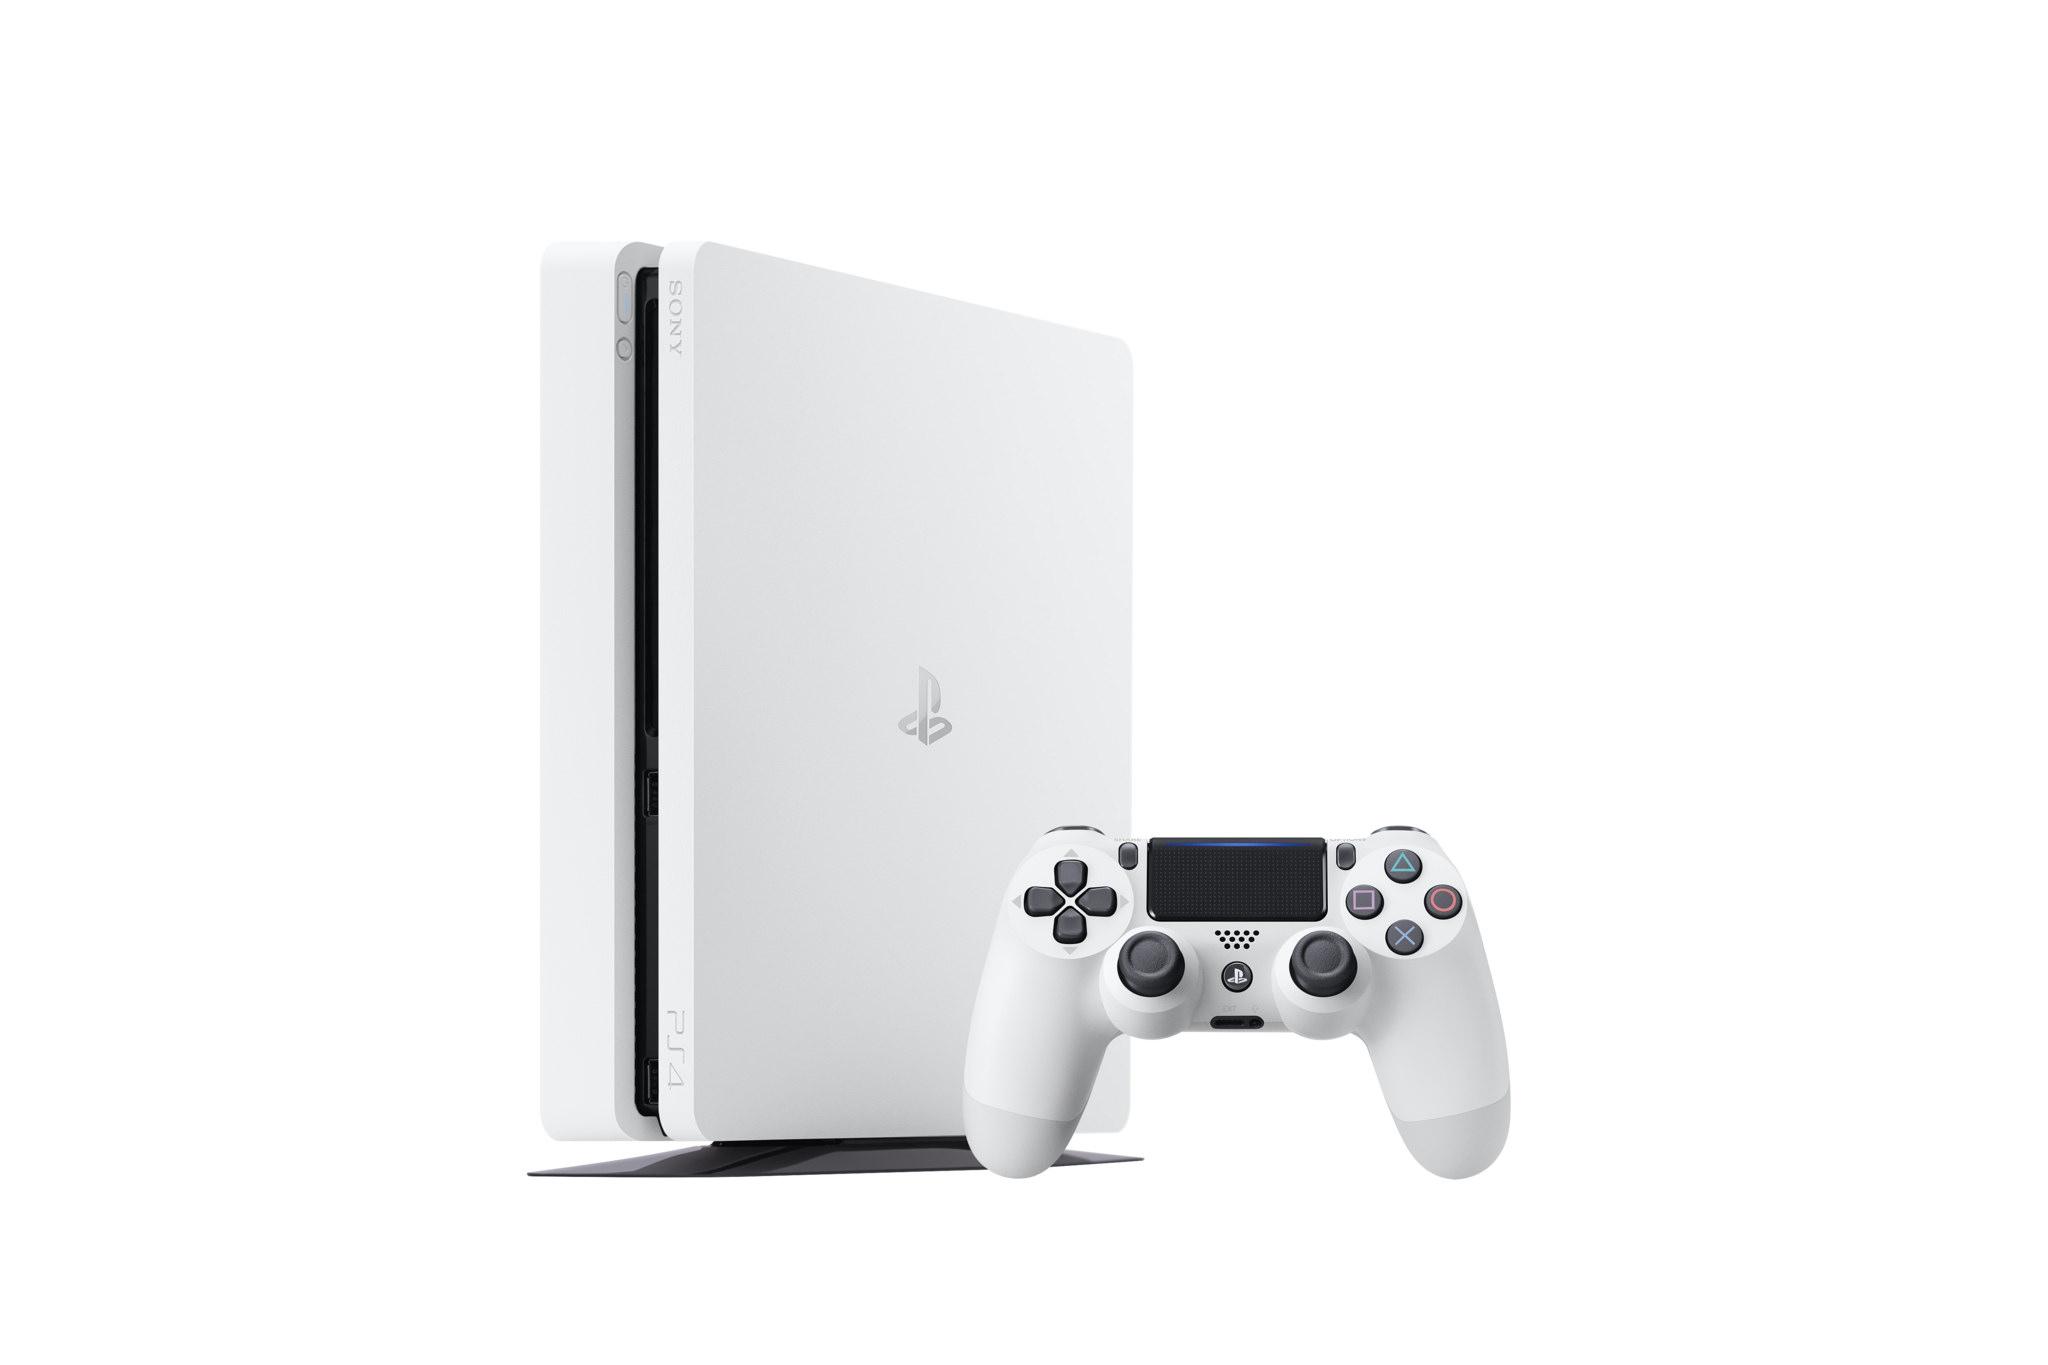 PlayStation 4 - Über 60 Millionen Mal verkauft